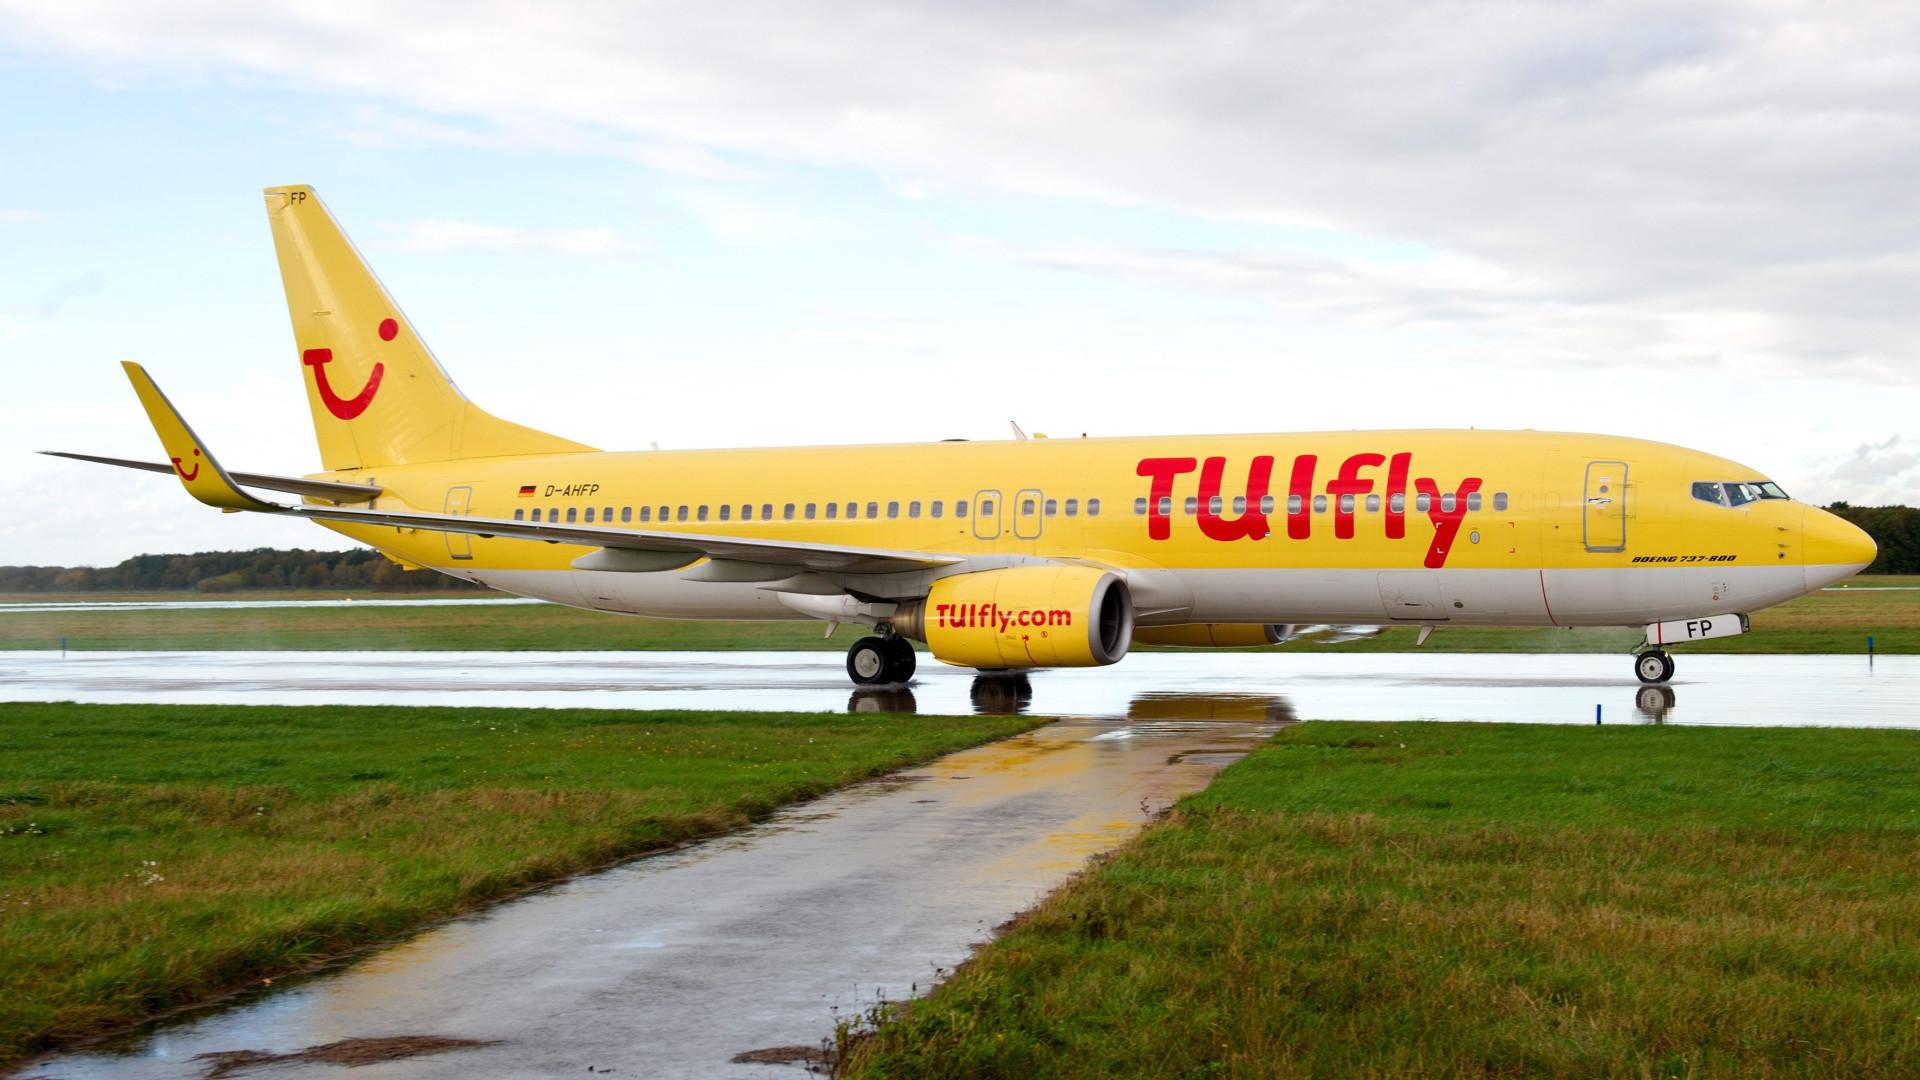 Companhias aéreas devem indemnizar por greves 'selvagens'